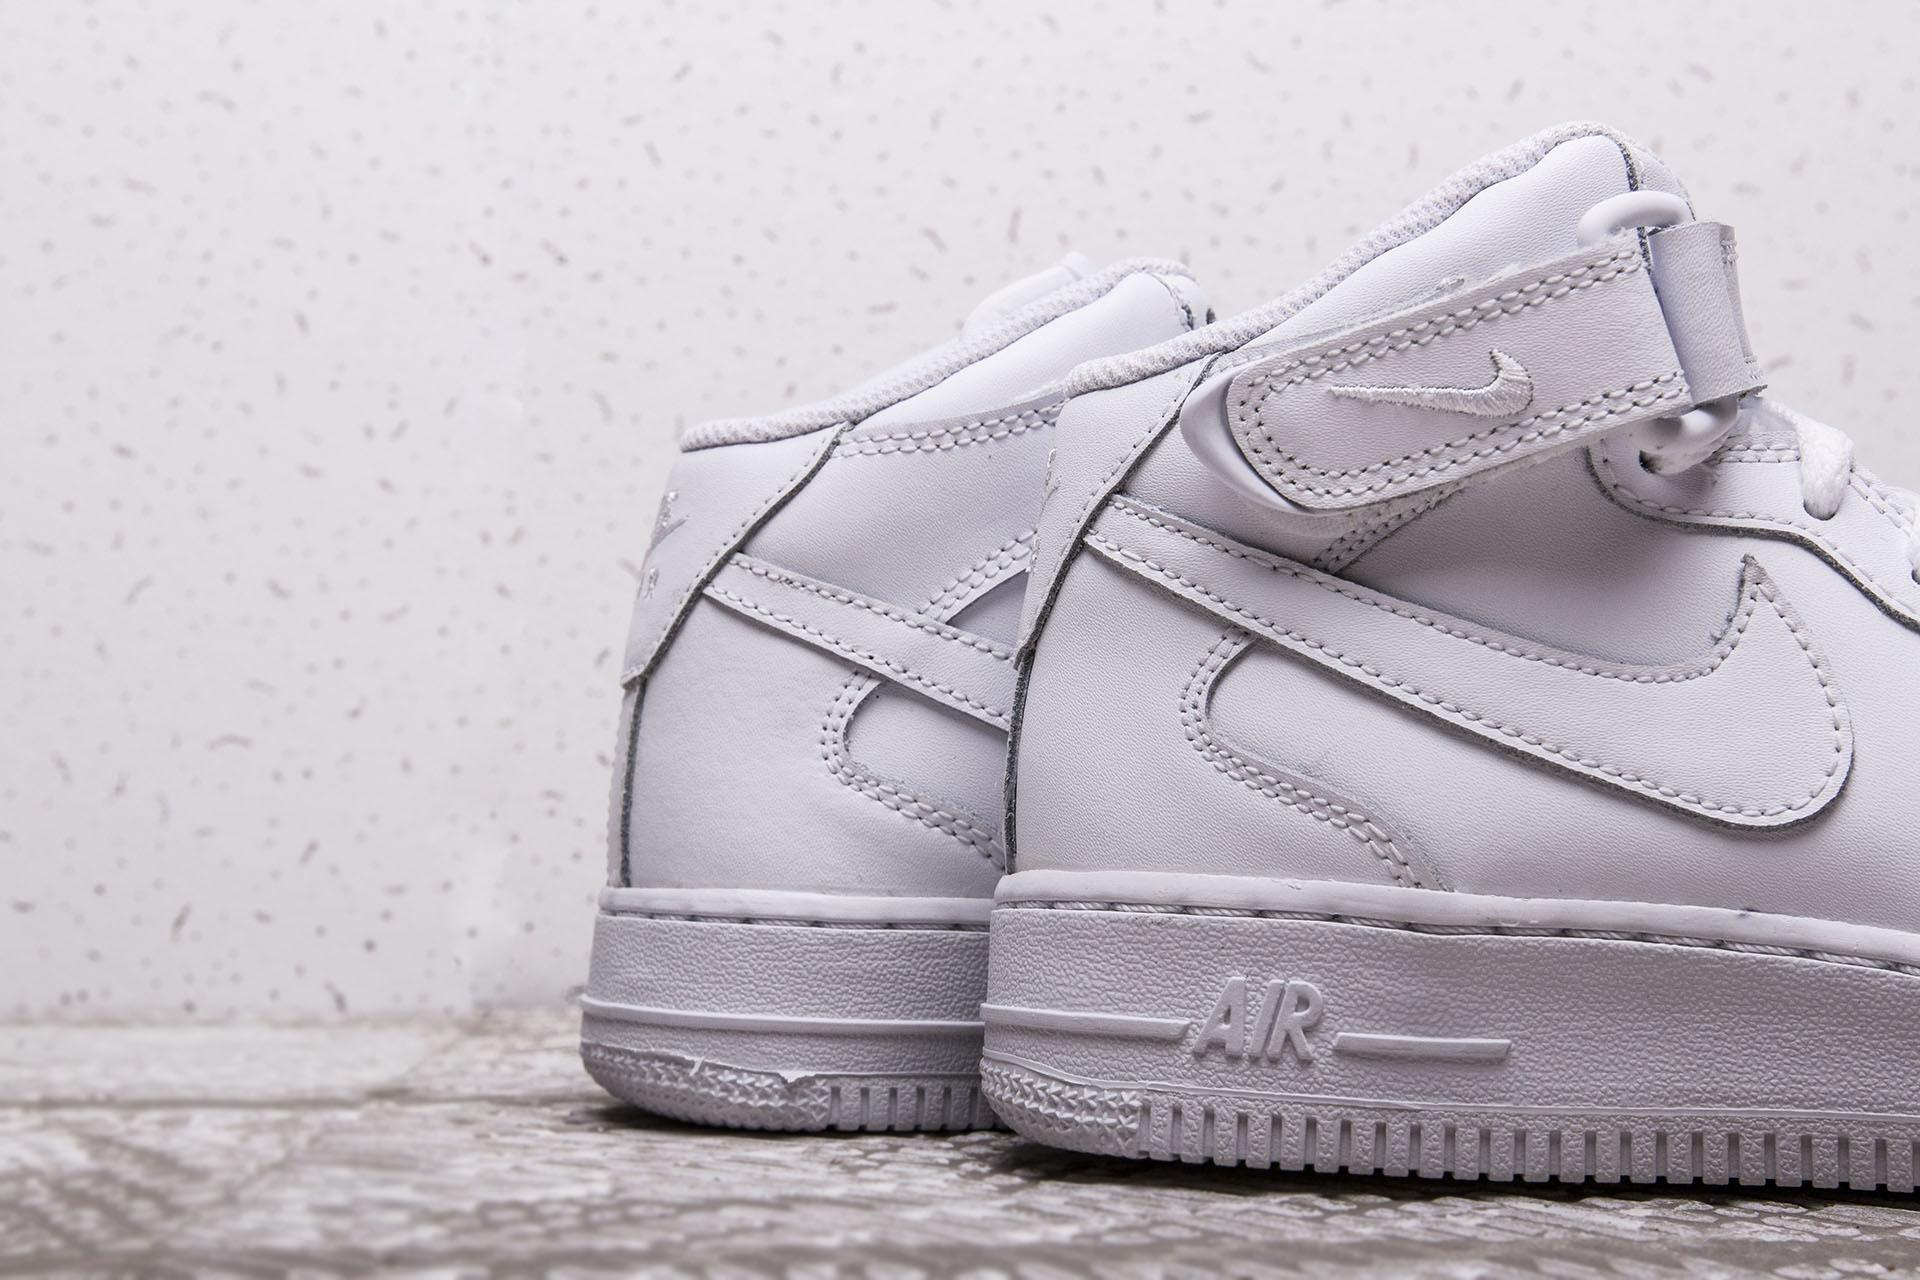 617f1731 ... Купить детские белые кроссовки Nike Air Force 1 Mid GS - фото 2  картинки ...